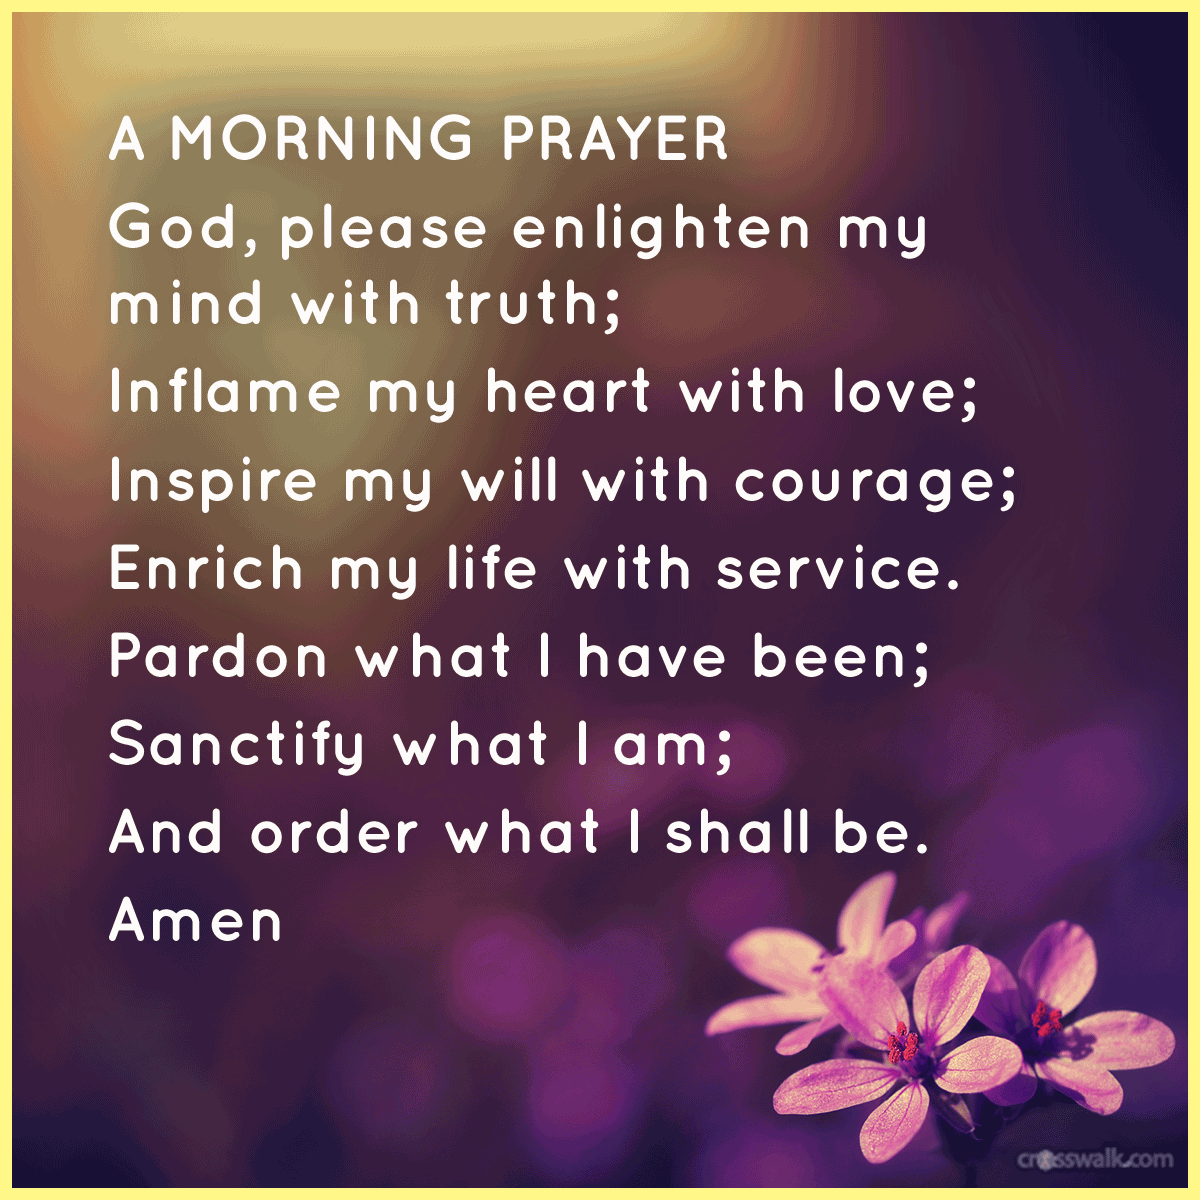 Good Morning Quotes Prayer Meme Image 19